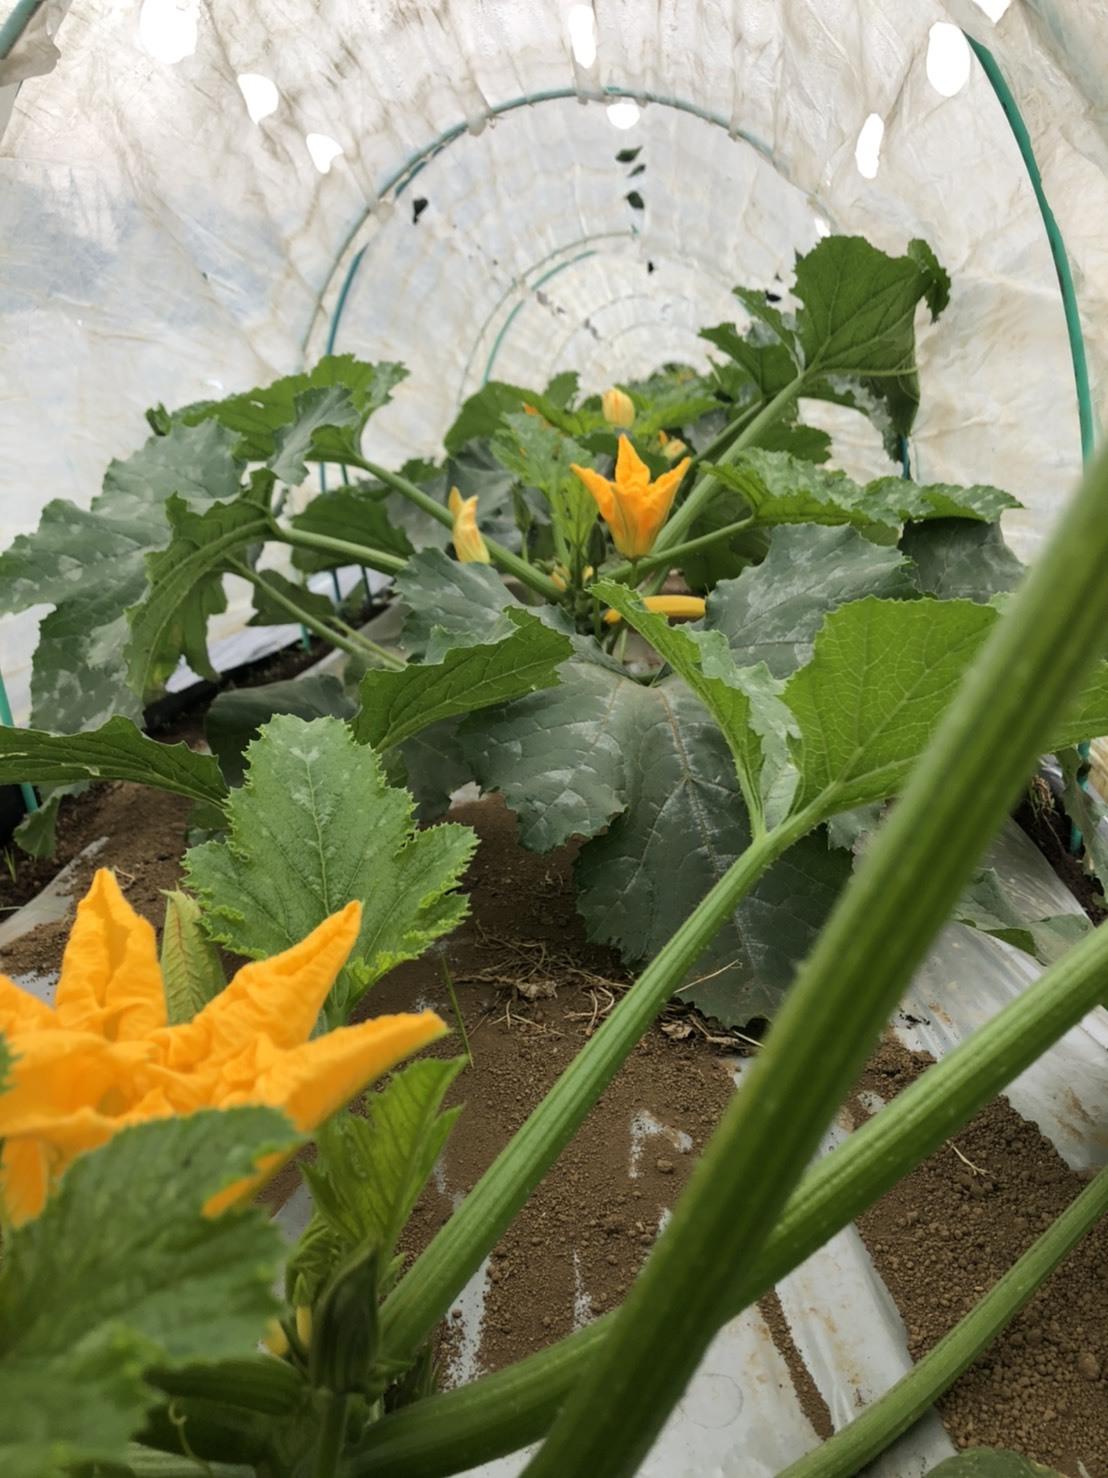 今週はズッキーニの花&蚕豆 グリンピース スナップエンドウが まさに旬です ジョイアオリジナル料理に沢山登場いたします_c0222448_14552493.jpg